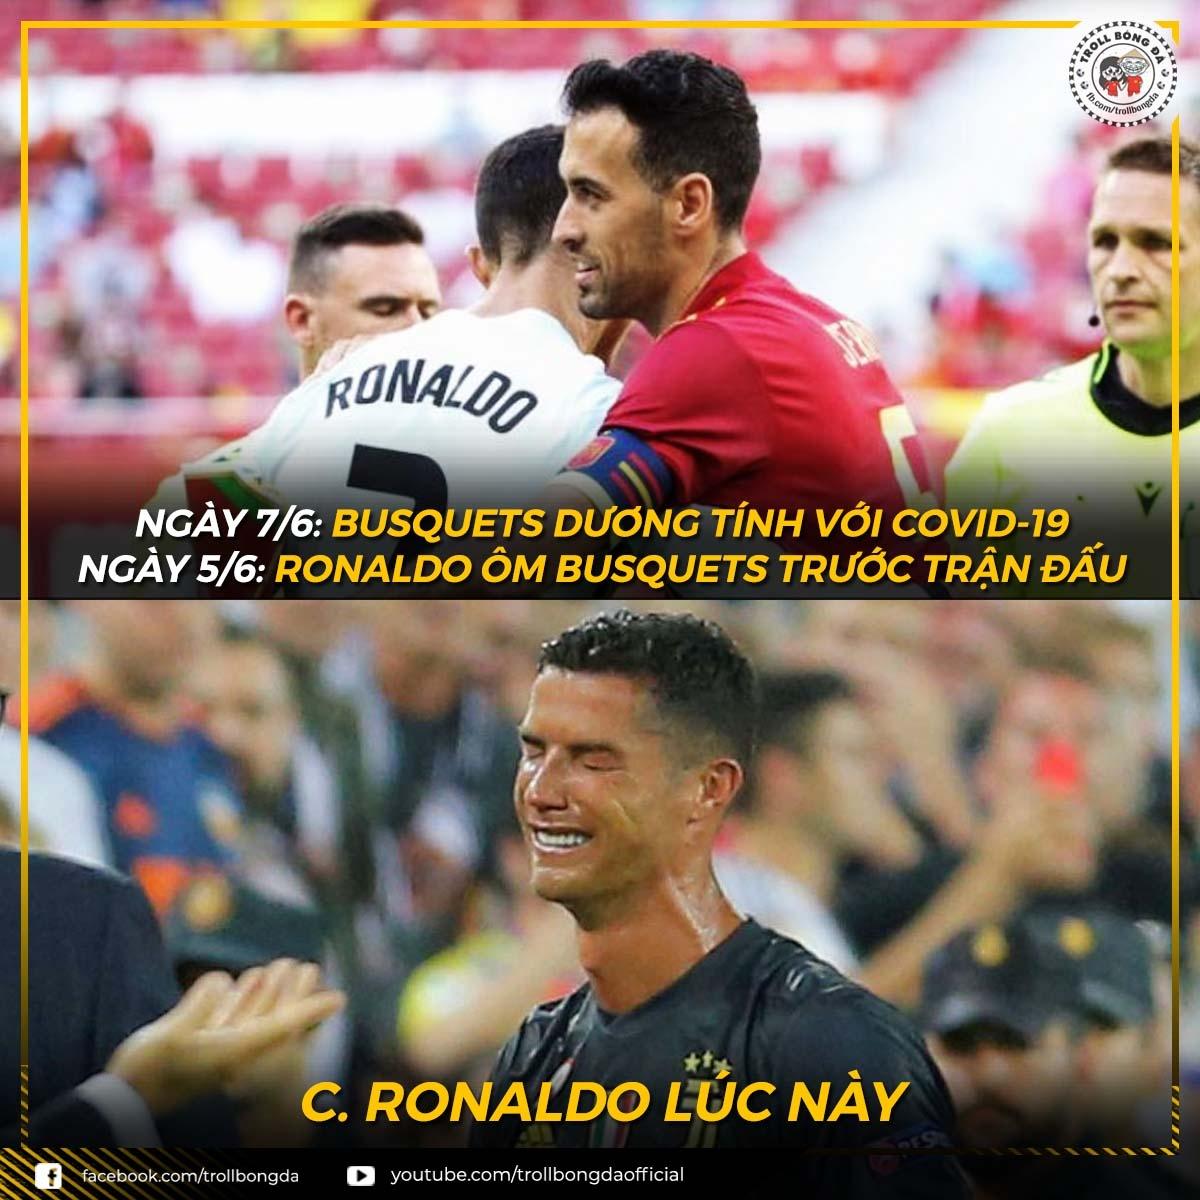 Ronaldo đang lo lắng vì Busquets mắc Covid-19.